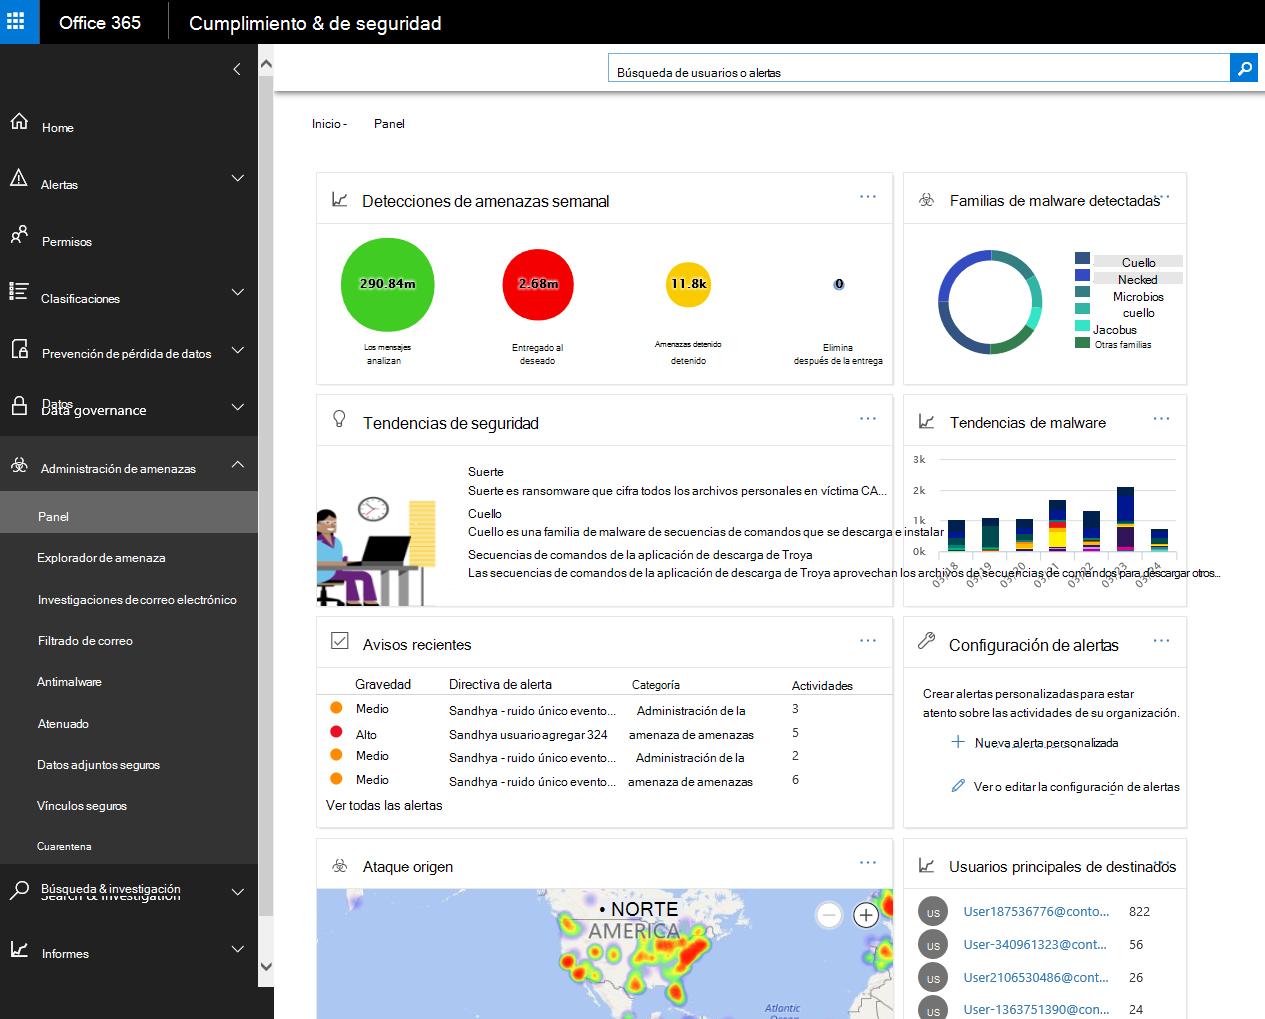 Captura de pantalla de gráficos y gráficos de resumen de paneles de inteligencia de amenaza de amenazas contra específico inquilino de Office 365